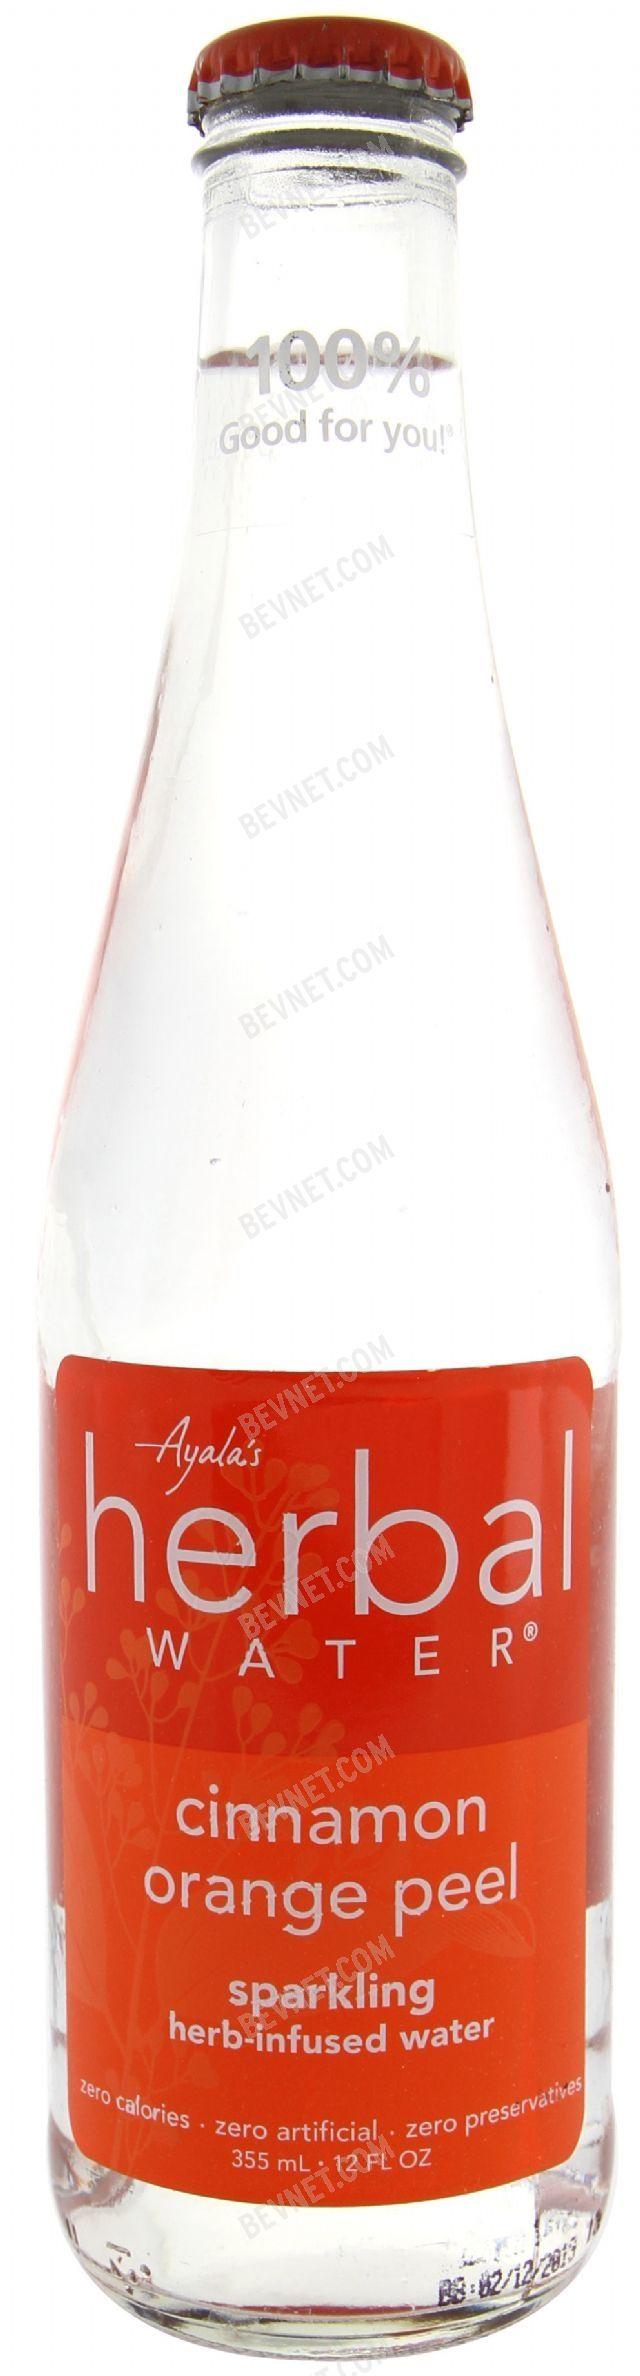 Ayala's Herbal Water: